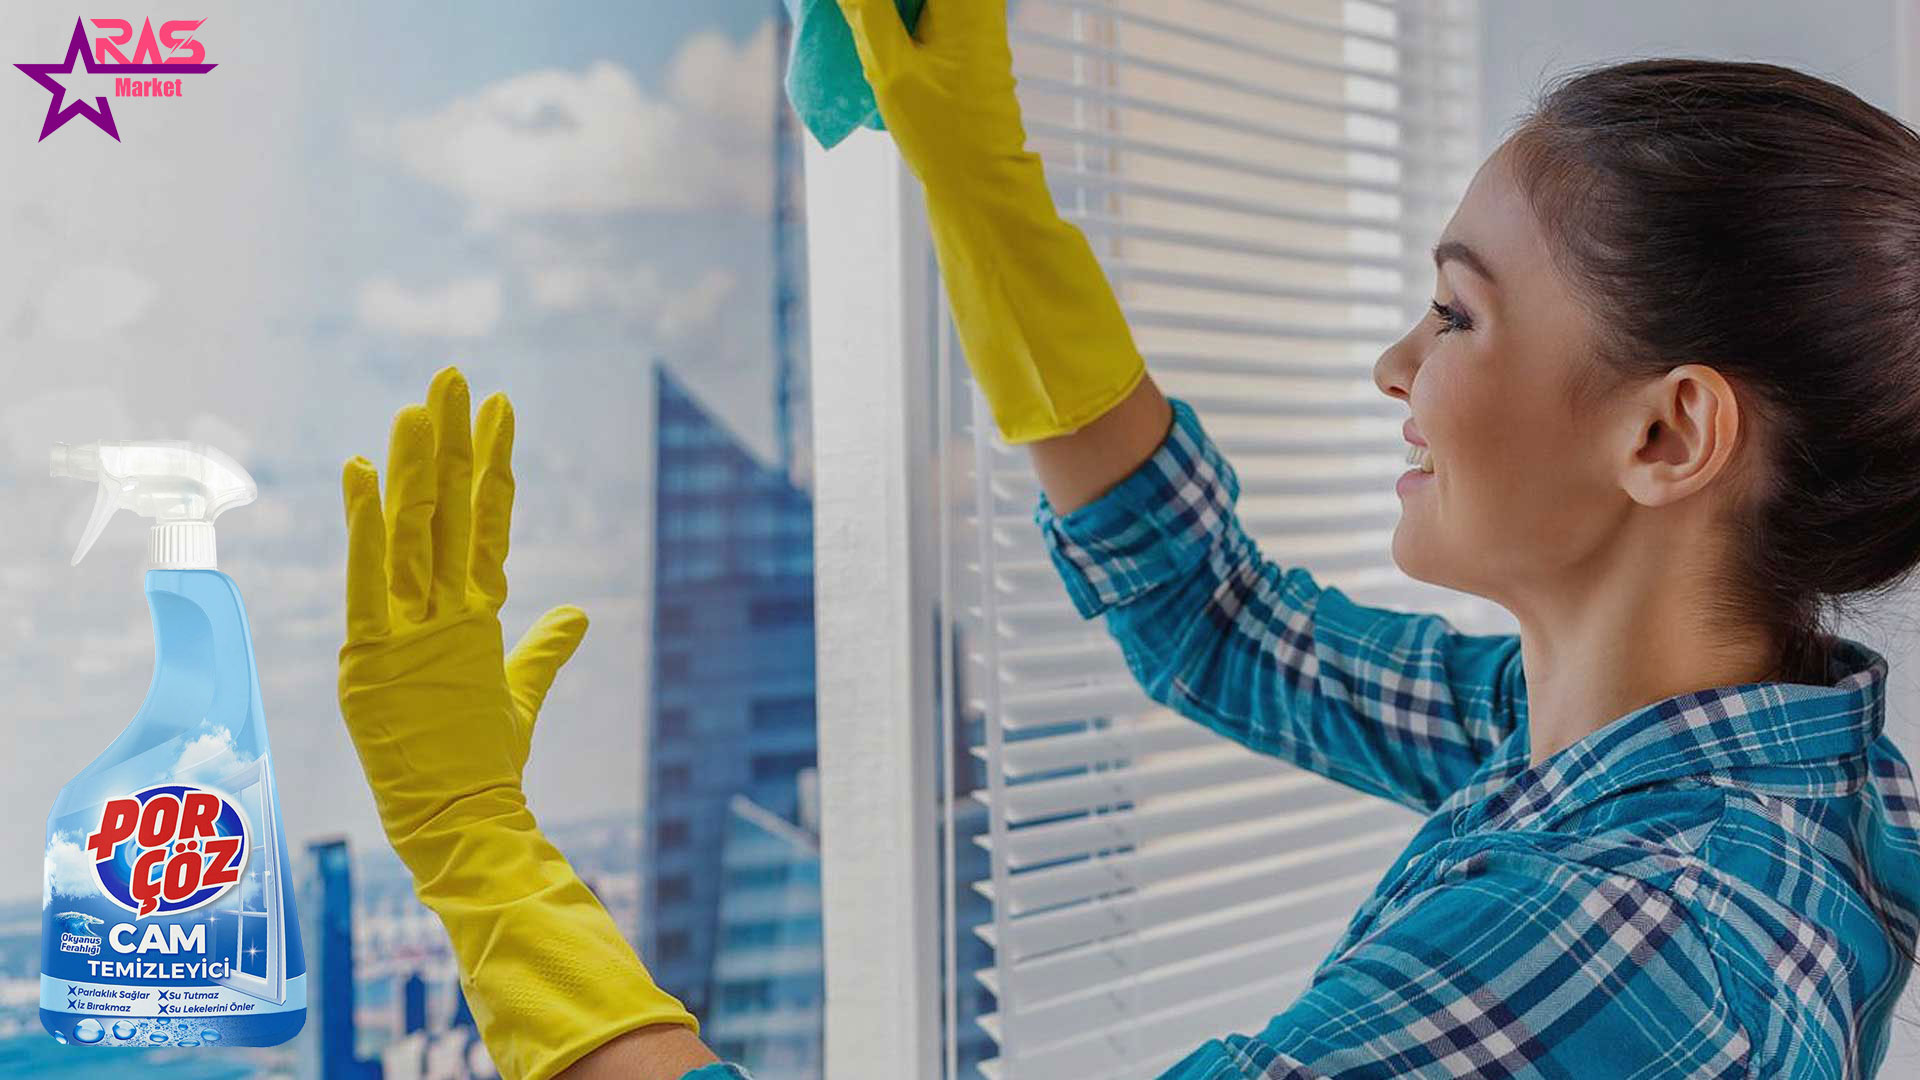 اسپری شیشه پاک کن پورچوز 750 میلی لیتر ، خرید اینترنتی محصولات شوینده و بهداشتی ، بهداشت خانه